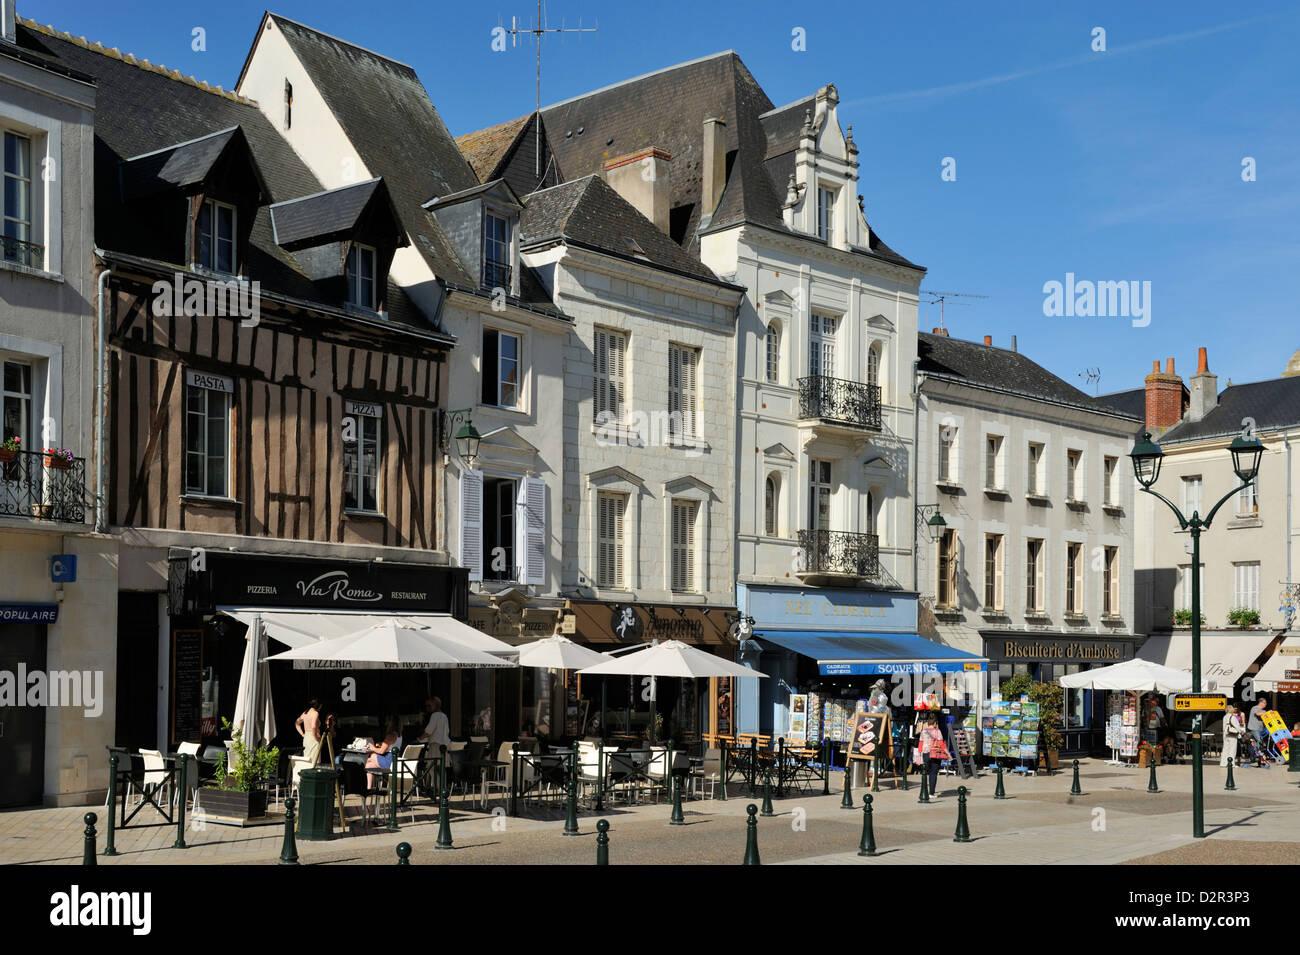 Place Michel Debre, Amboise, UNESCO World Heritage Site, Indre-et-Loire, Centre, France, Europe - Stock Image